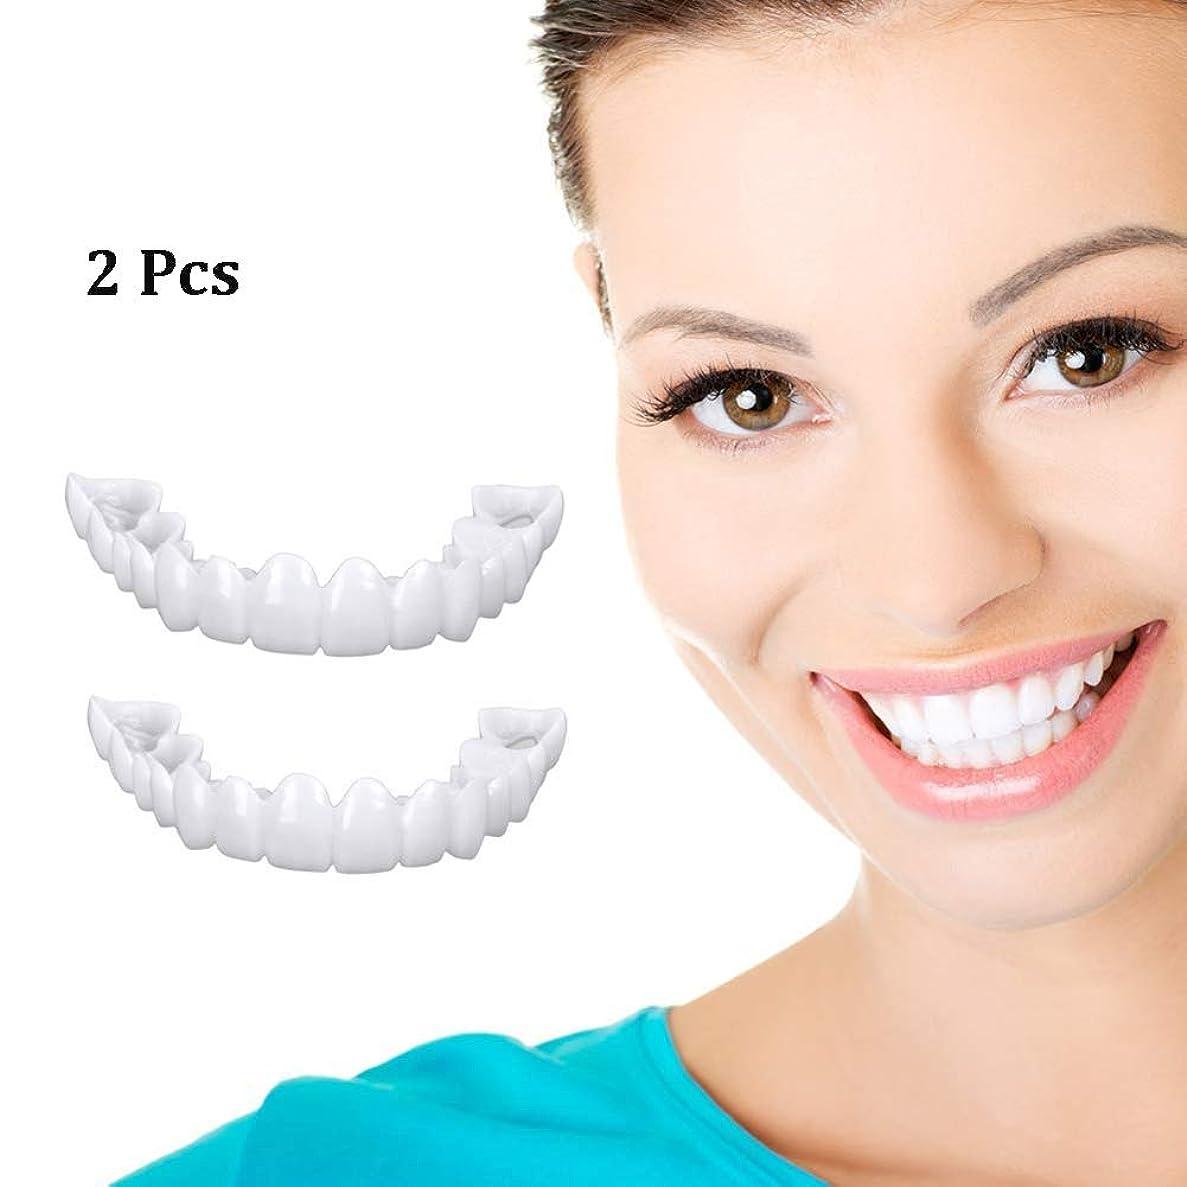 の前でクアッガ艶義歯フィットフレックス化粧品歯快適なベニヤカバー歯科ケアアクセサリーボックス付きホワイトニングで数分で完璧な笑顔で2ピース再利用可能なスナップ